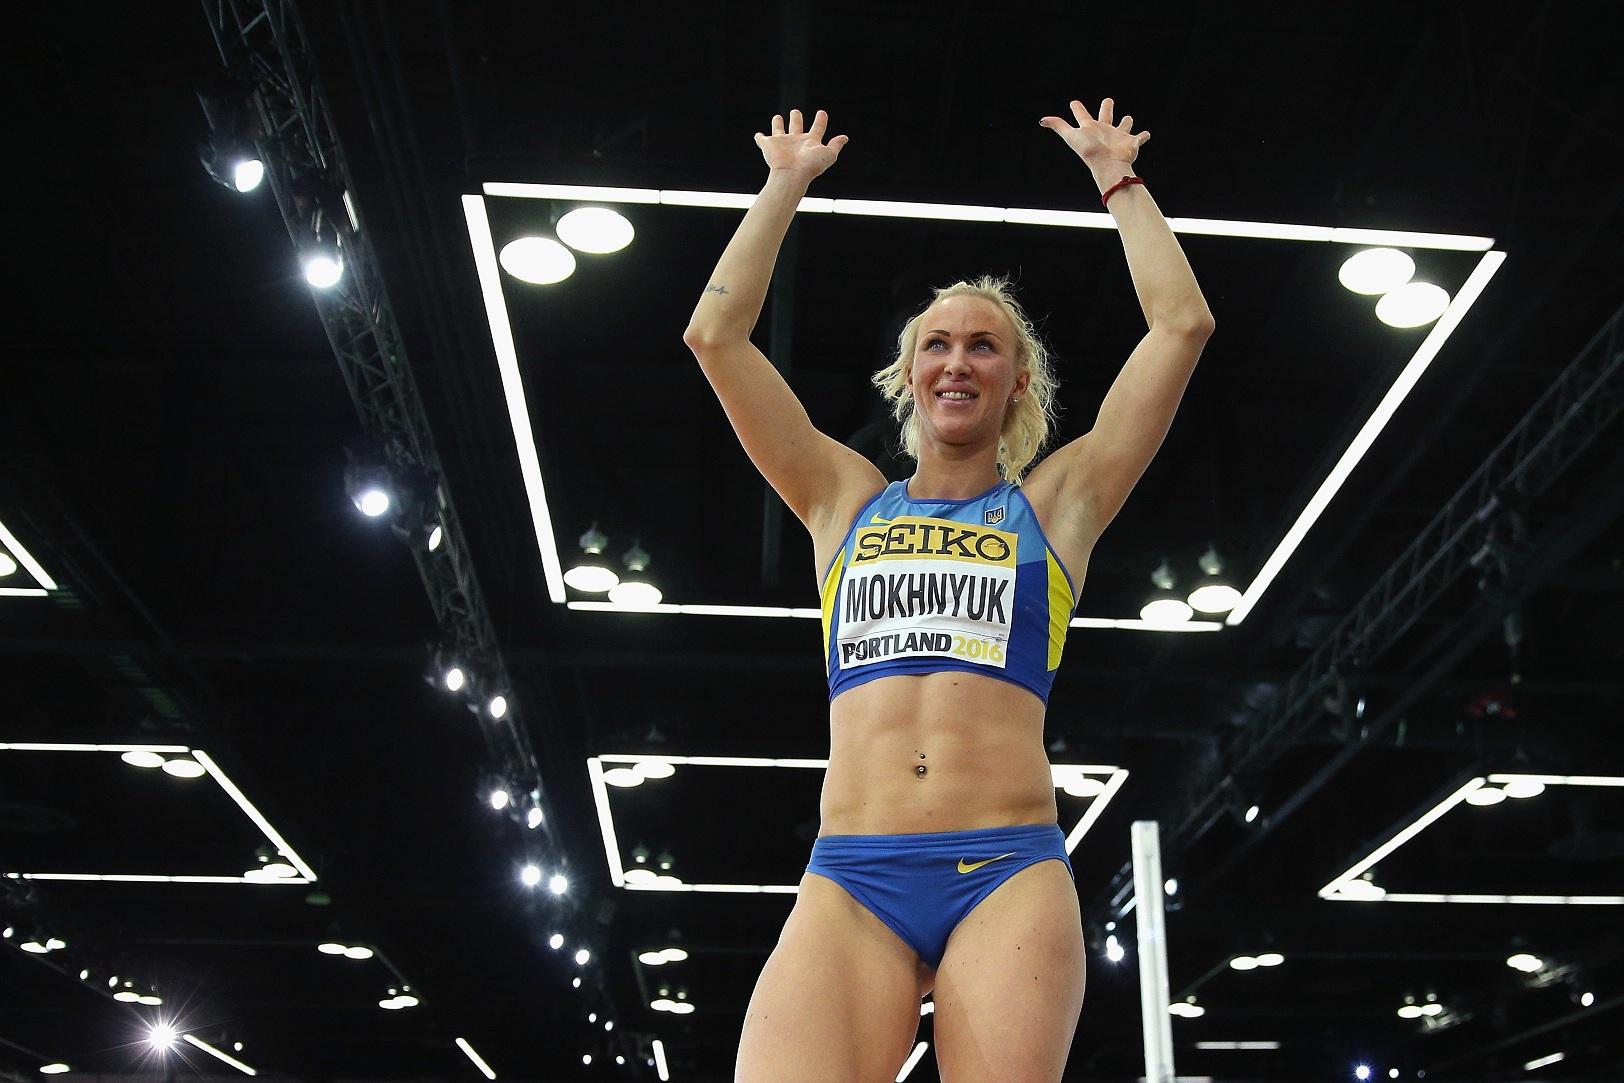 Анастасия Мохнюк: «Я ехала сюда за медалью, и завоевала ее»